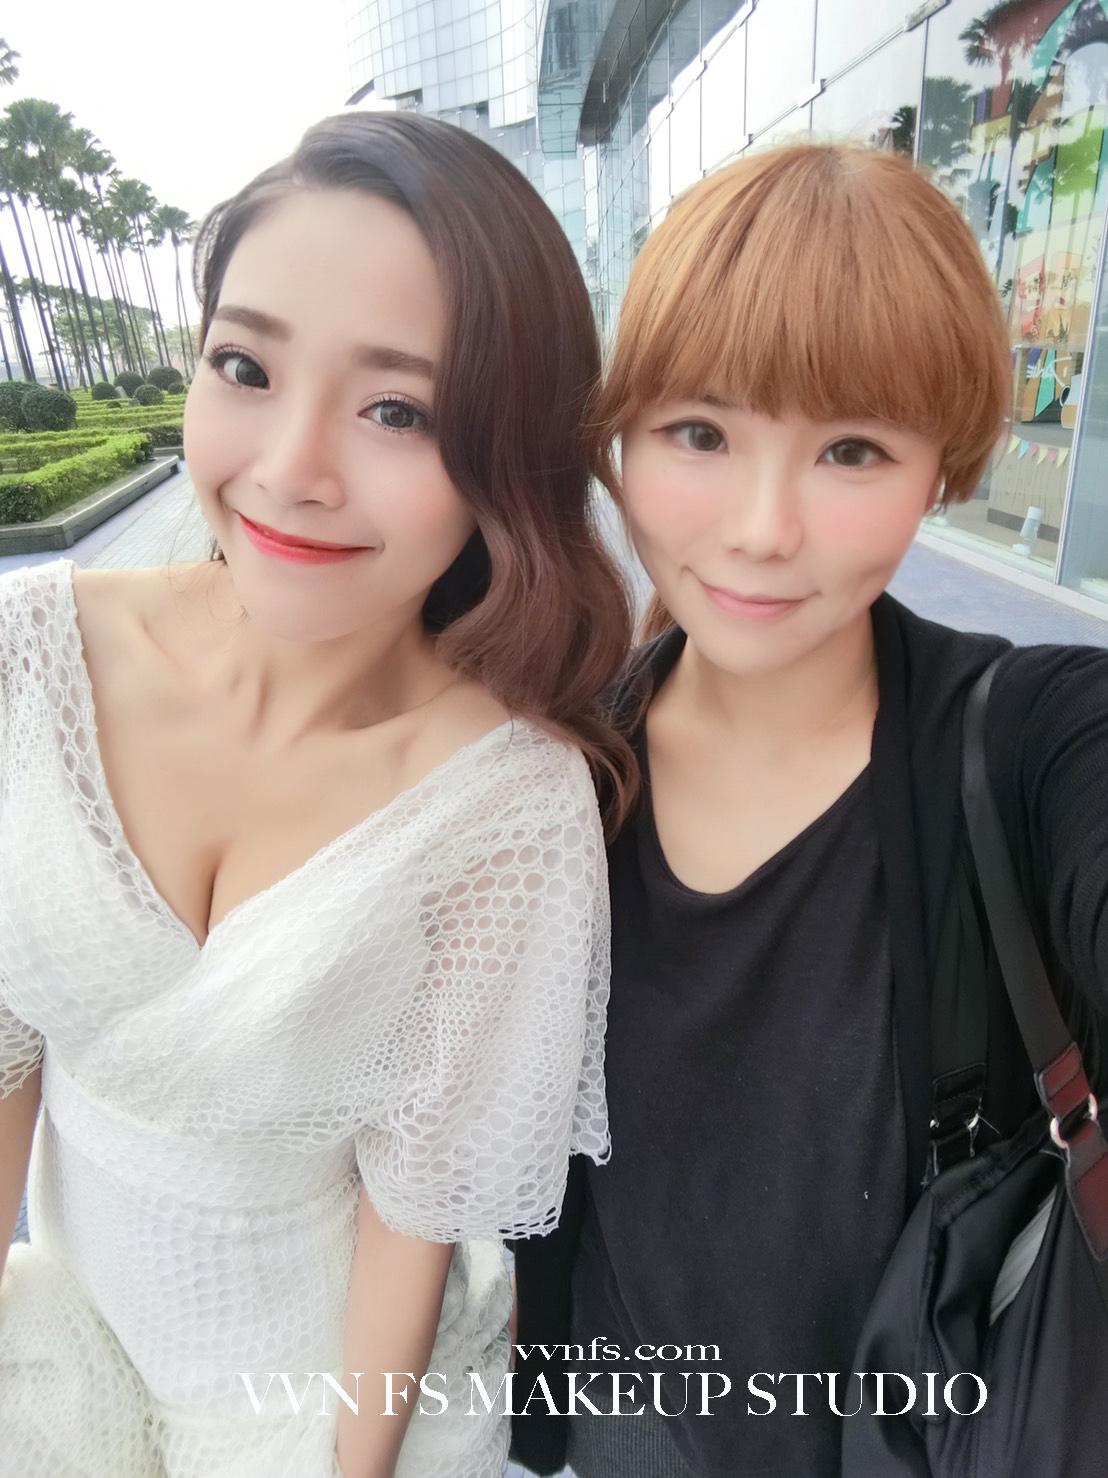 新娘物語雜誌梳化-台南新秘VVNFSX姵玟